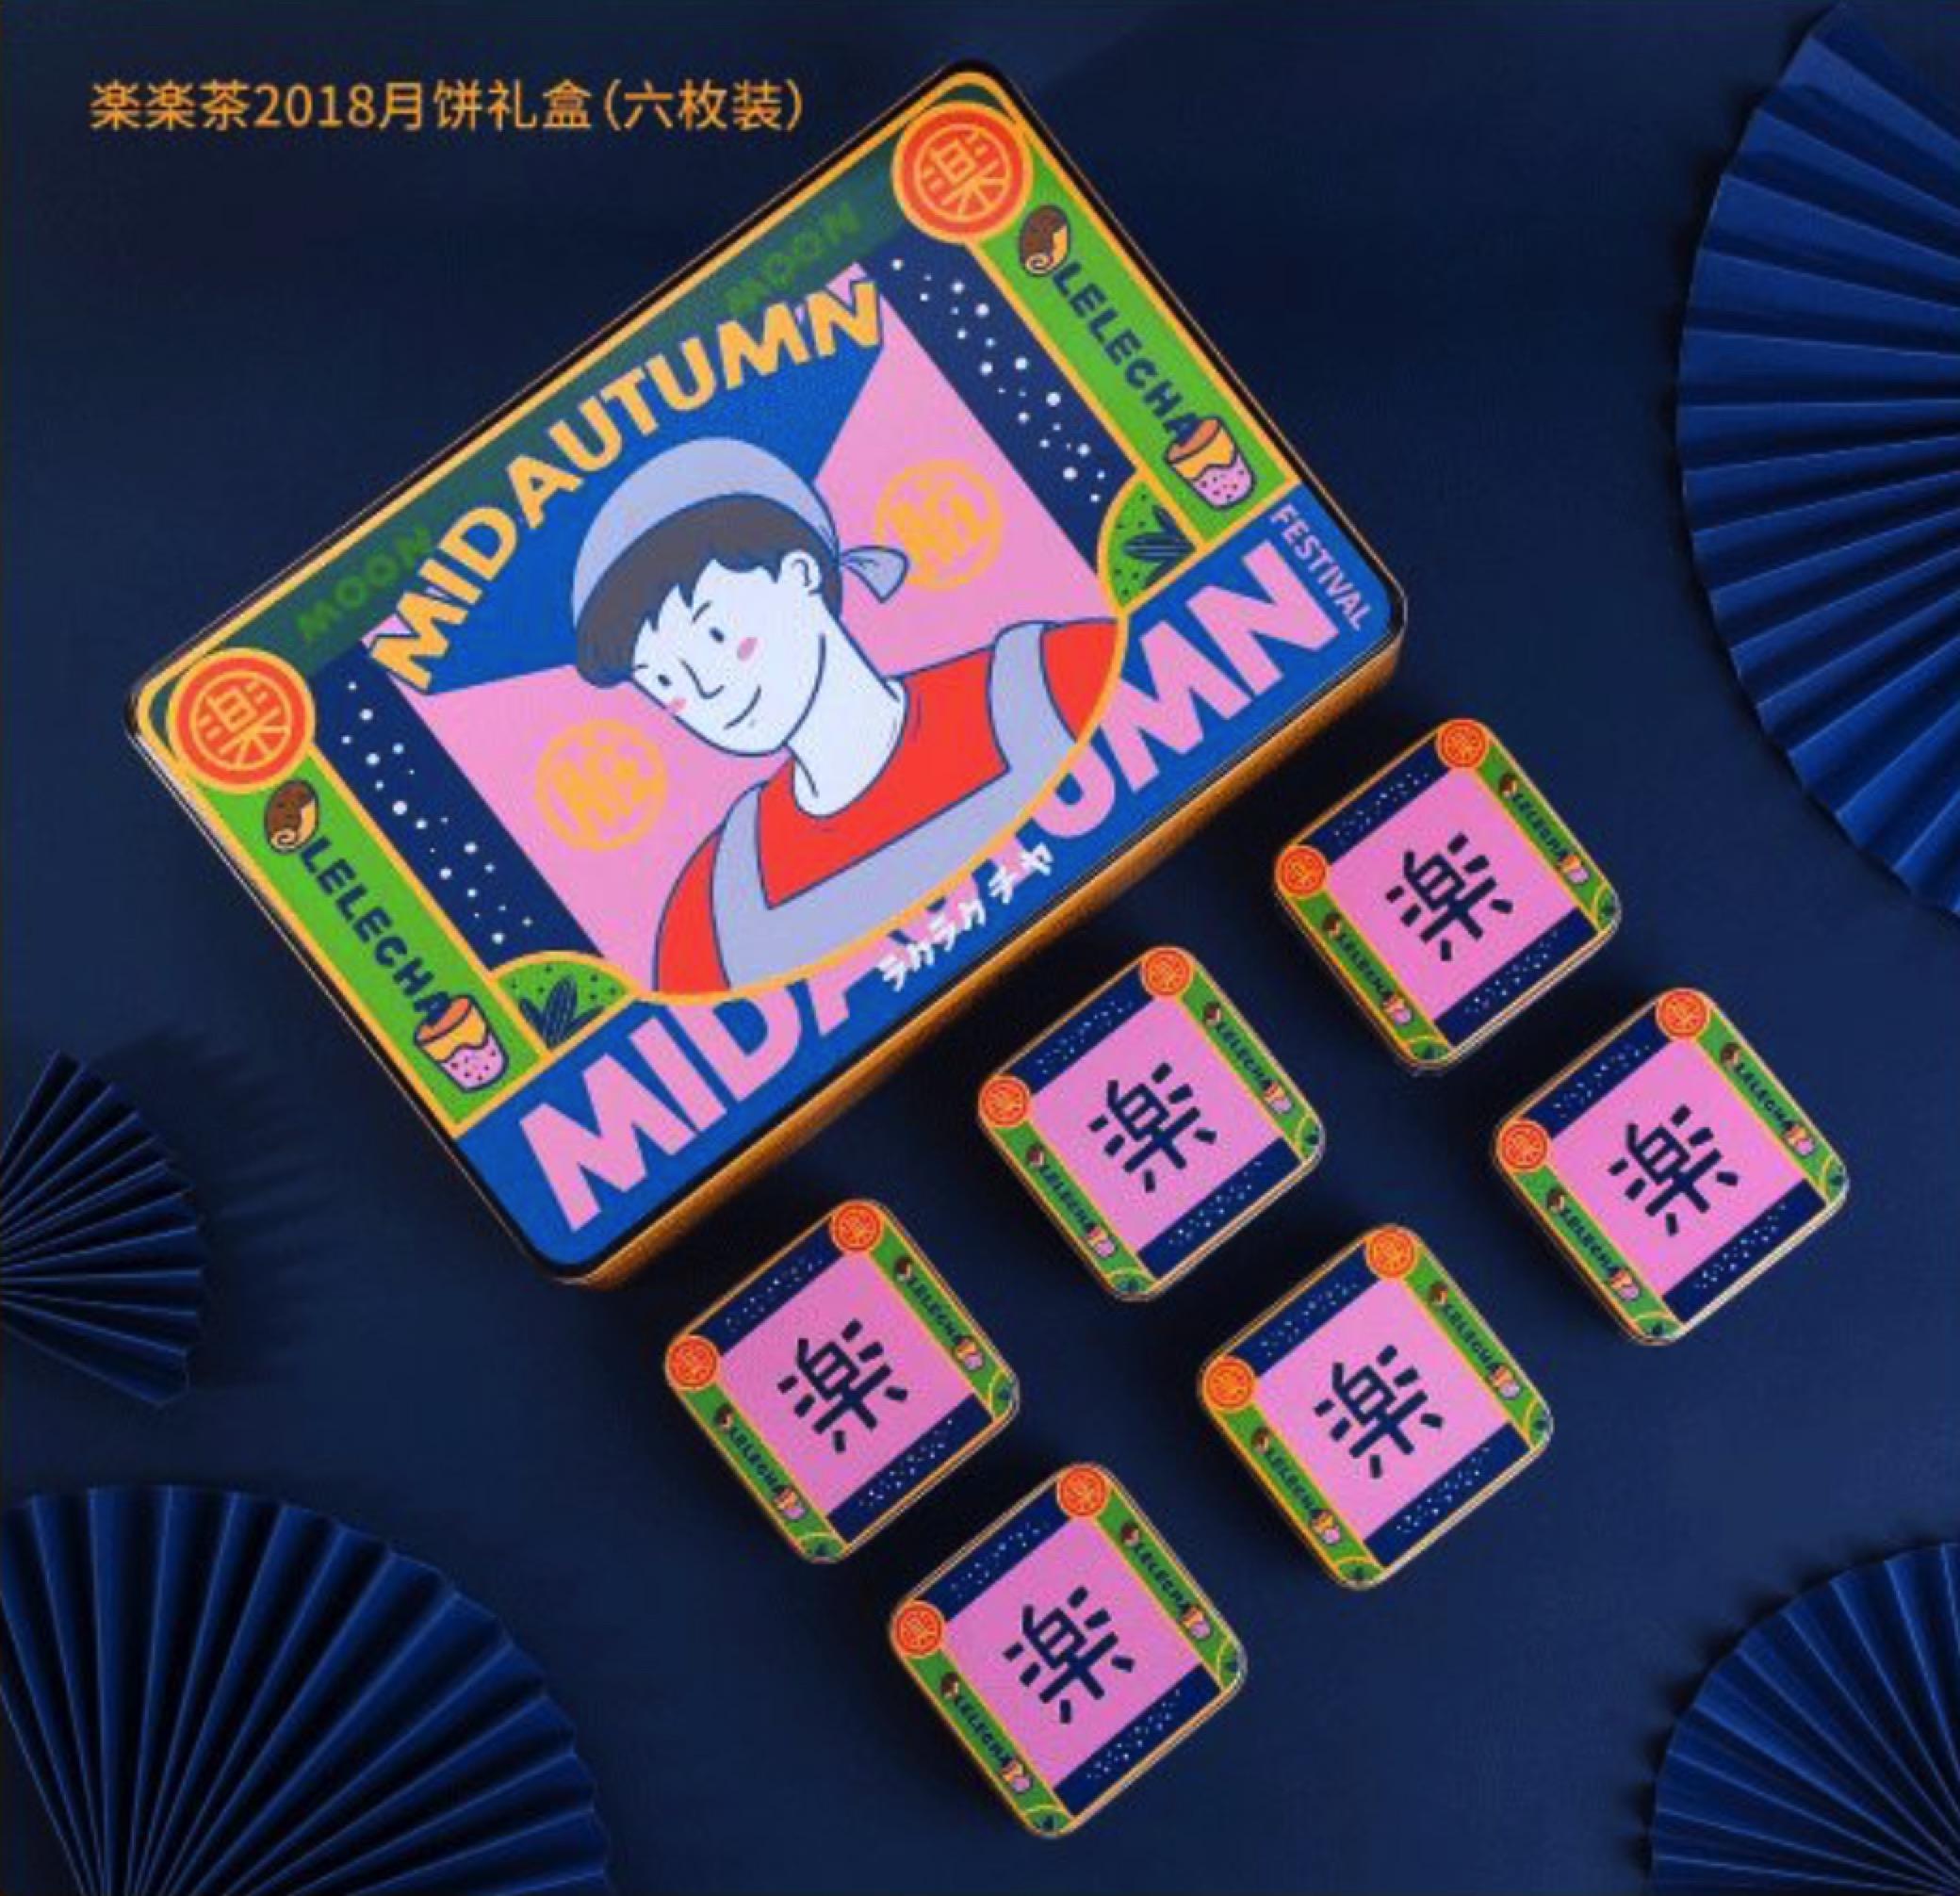 博文配图-乐乐茶月饼